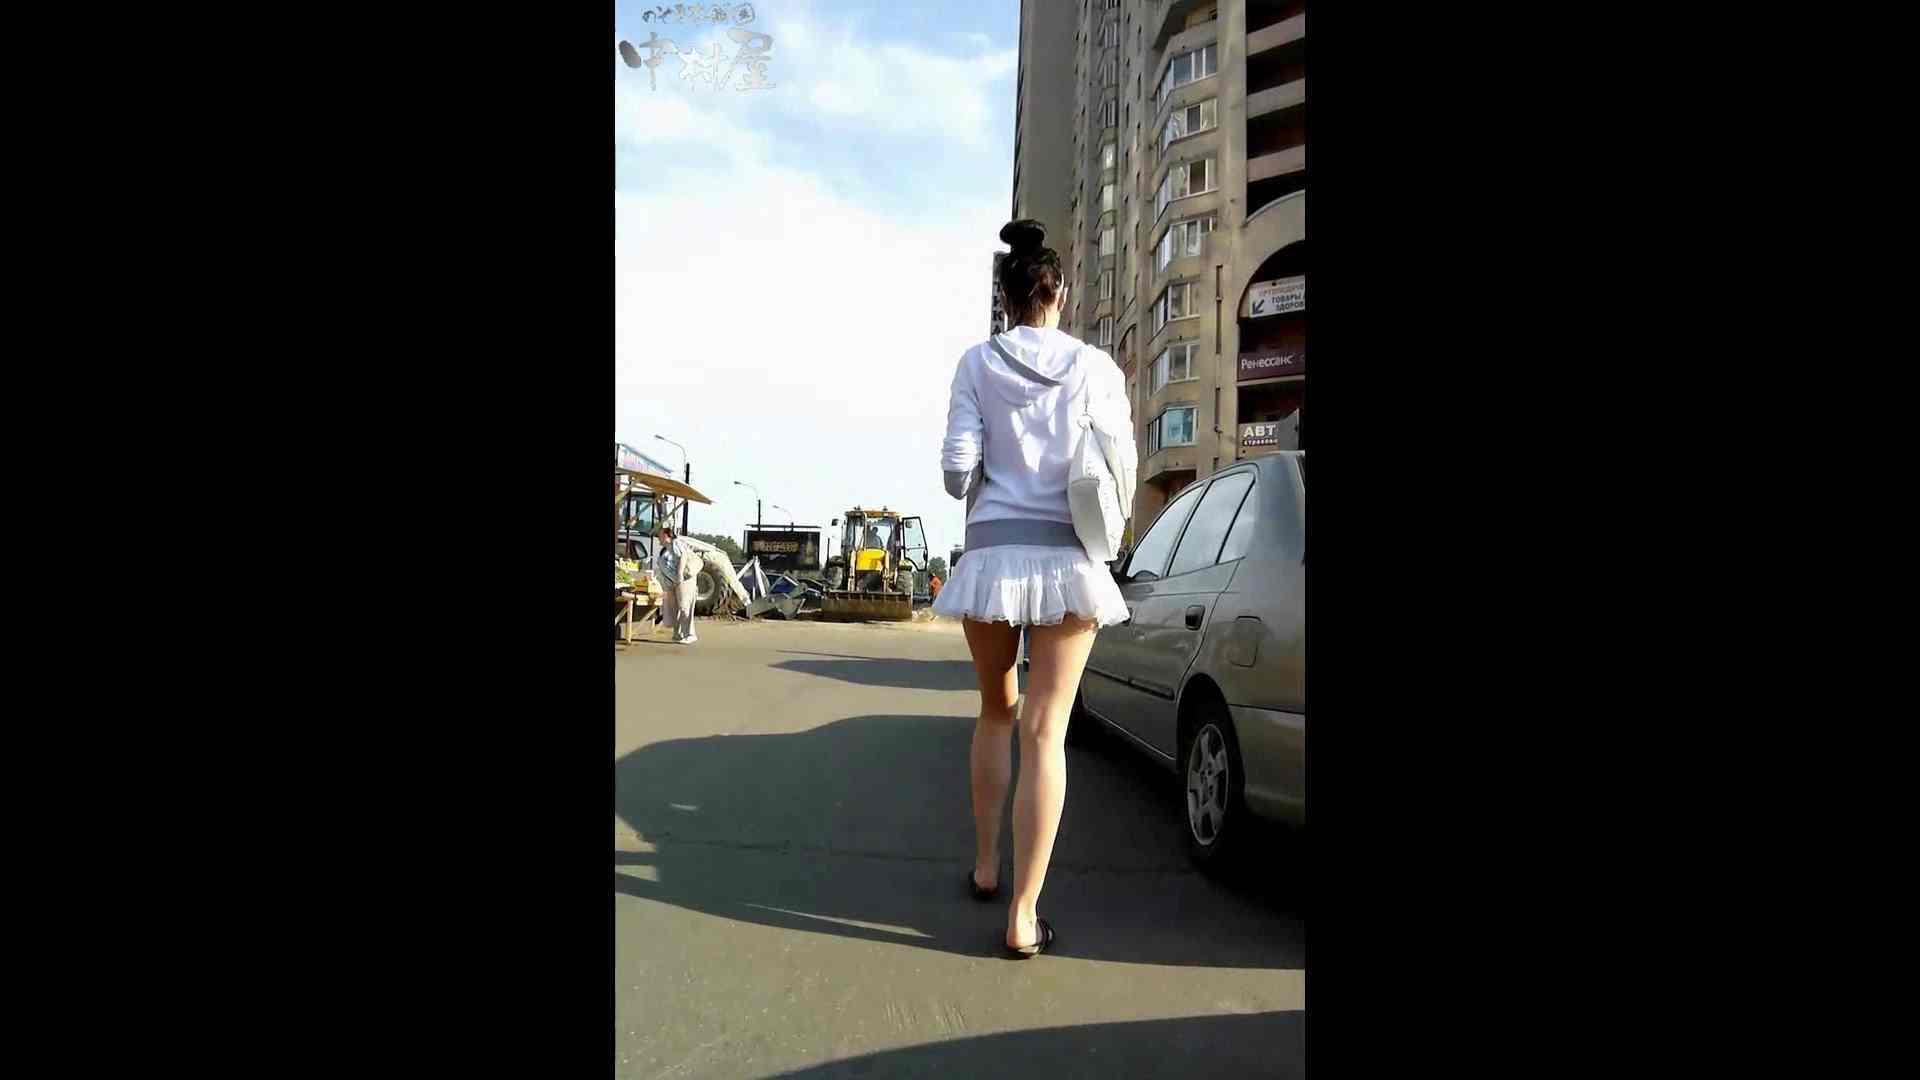 綺麗なモデルさんのスカート捲っちゃおう‼ vol17 お姉さんのエロ動画  94PIX 4